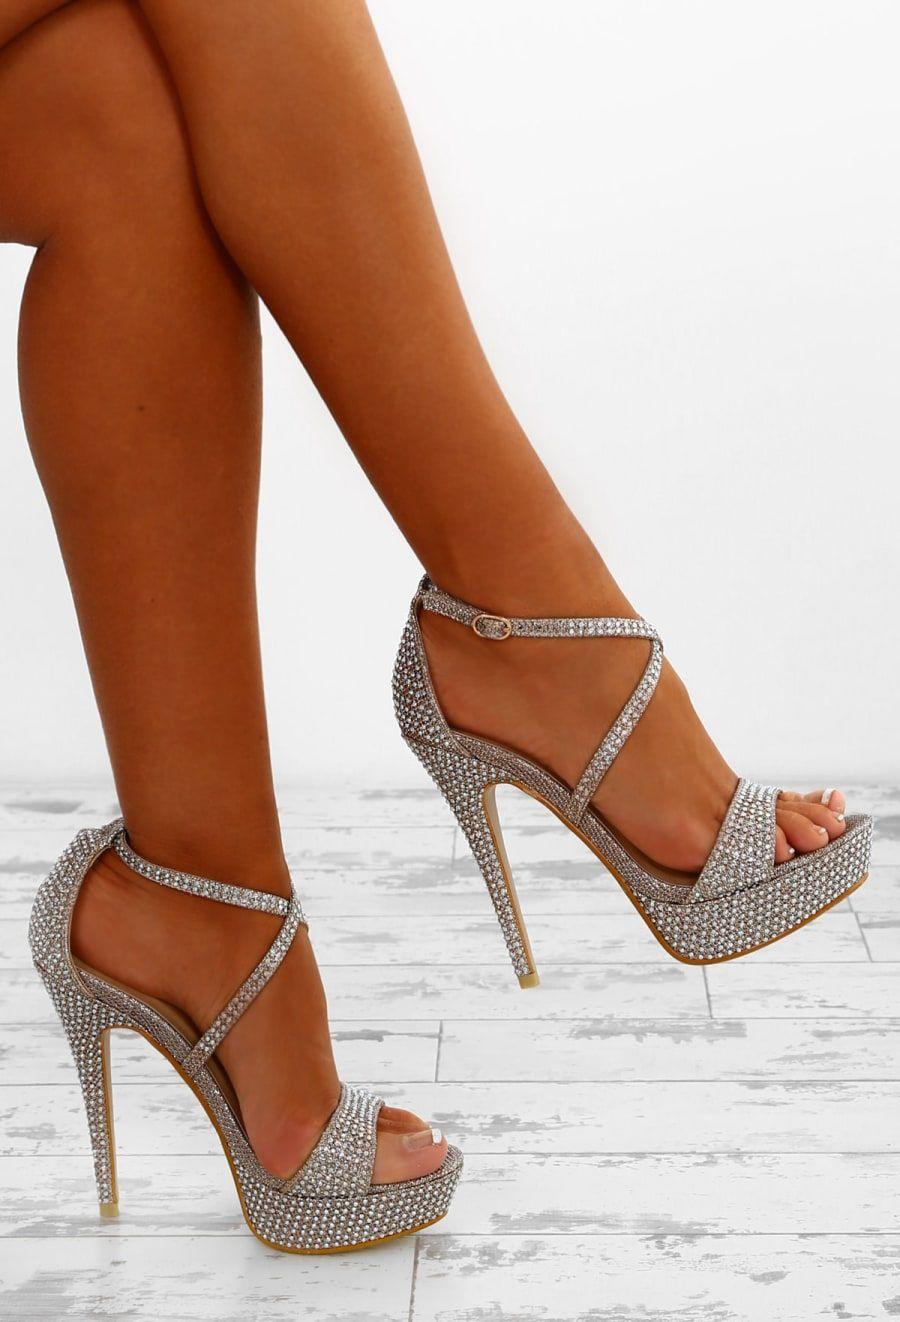 d3560b8dfed Glam Ego Champagne Diamante Embellished Platform Heels - UK 3 in ...